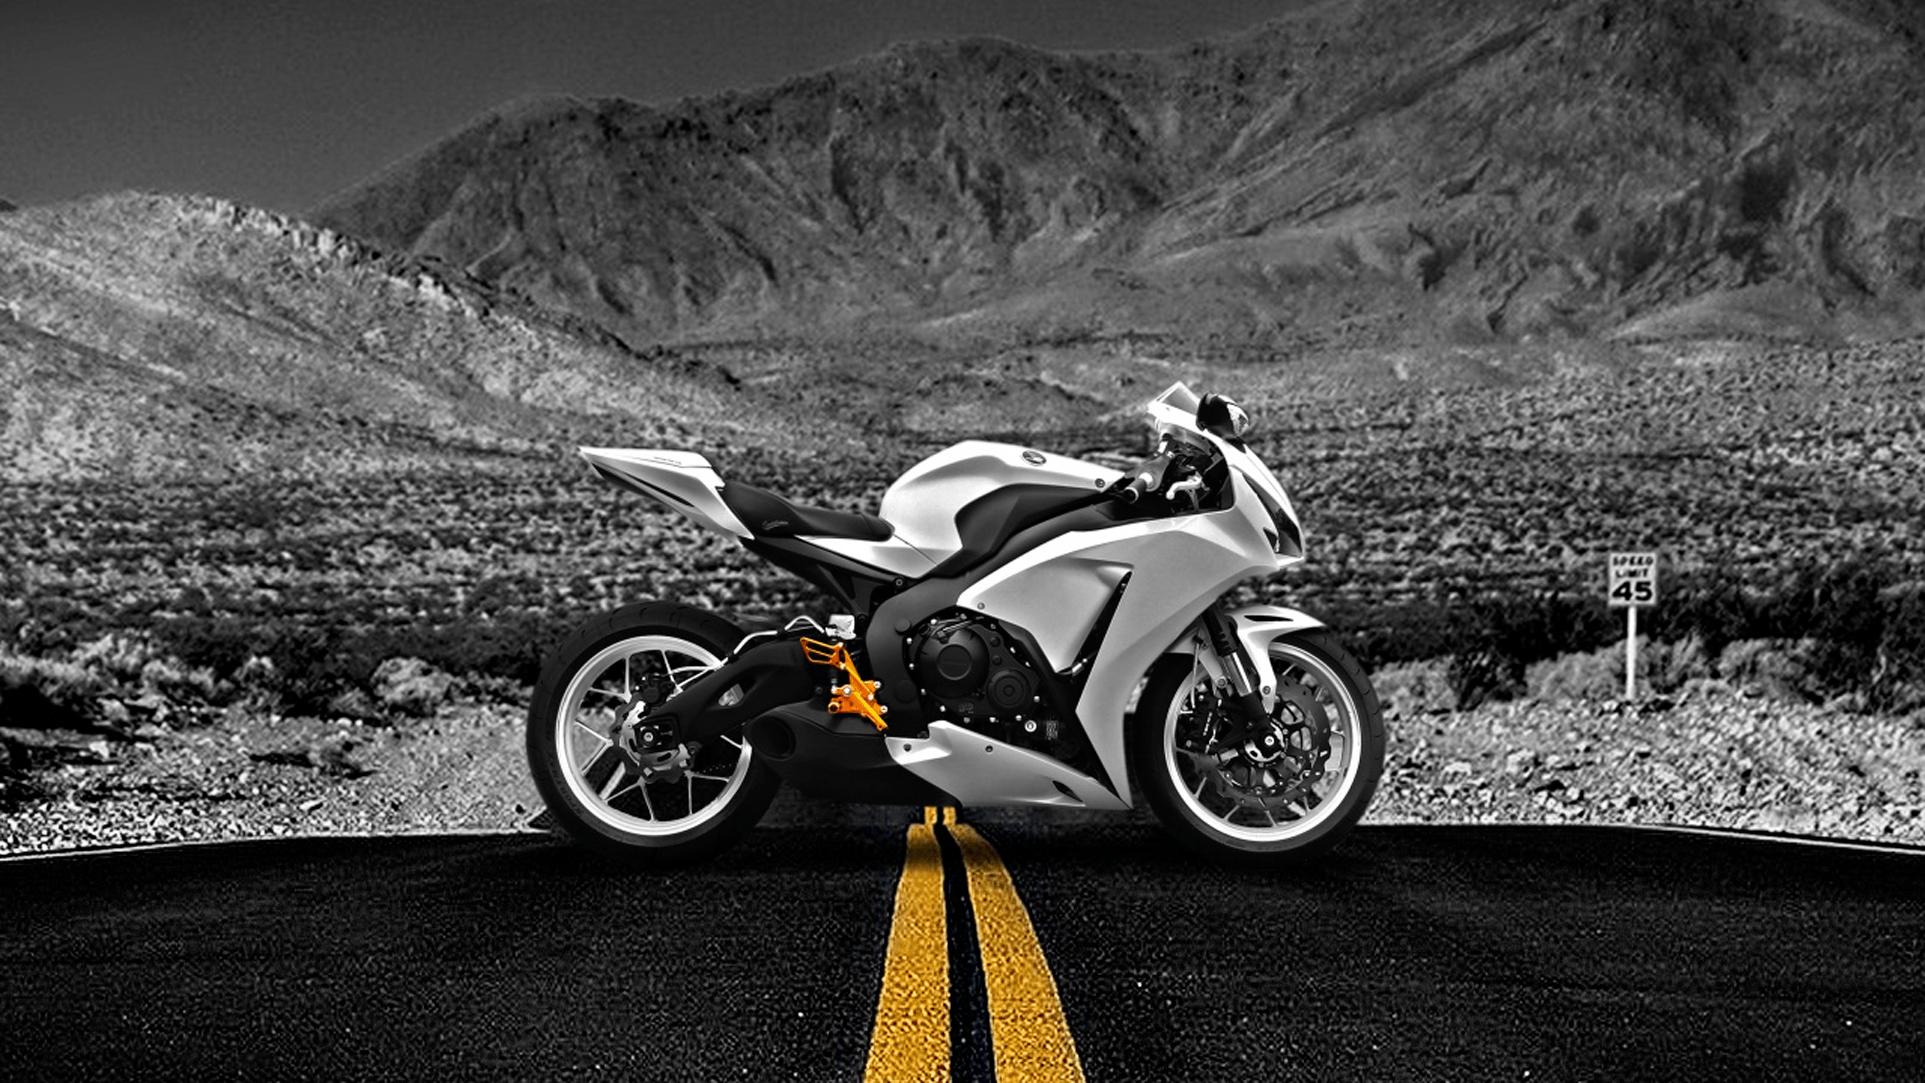 Wallpaper Hd Ducati Hd Motorcycle Wallpapers Pixelstalk Net